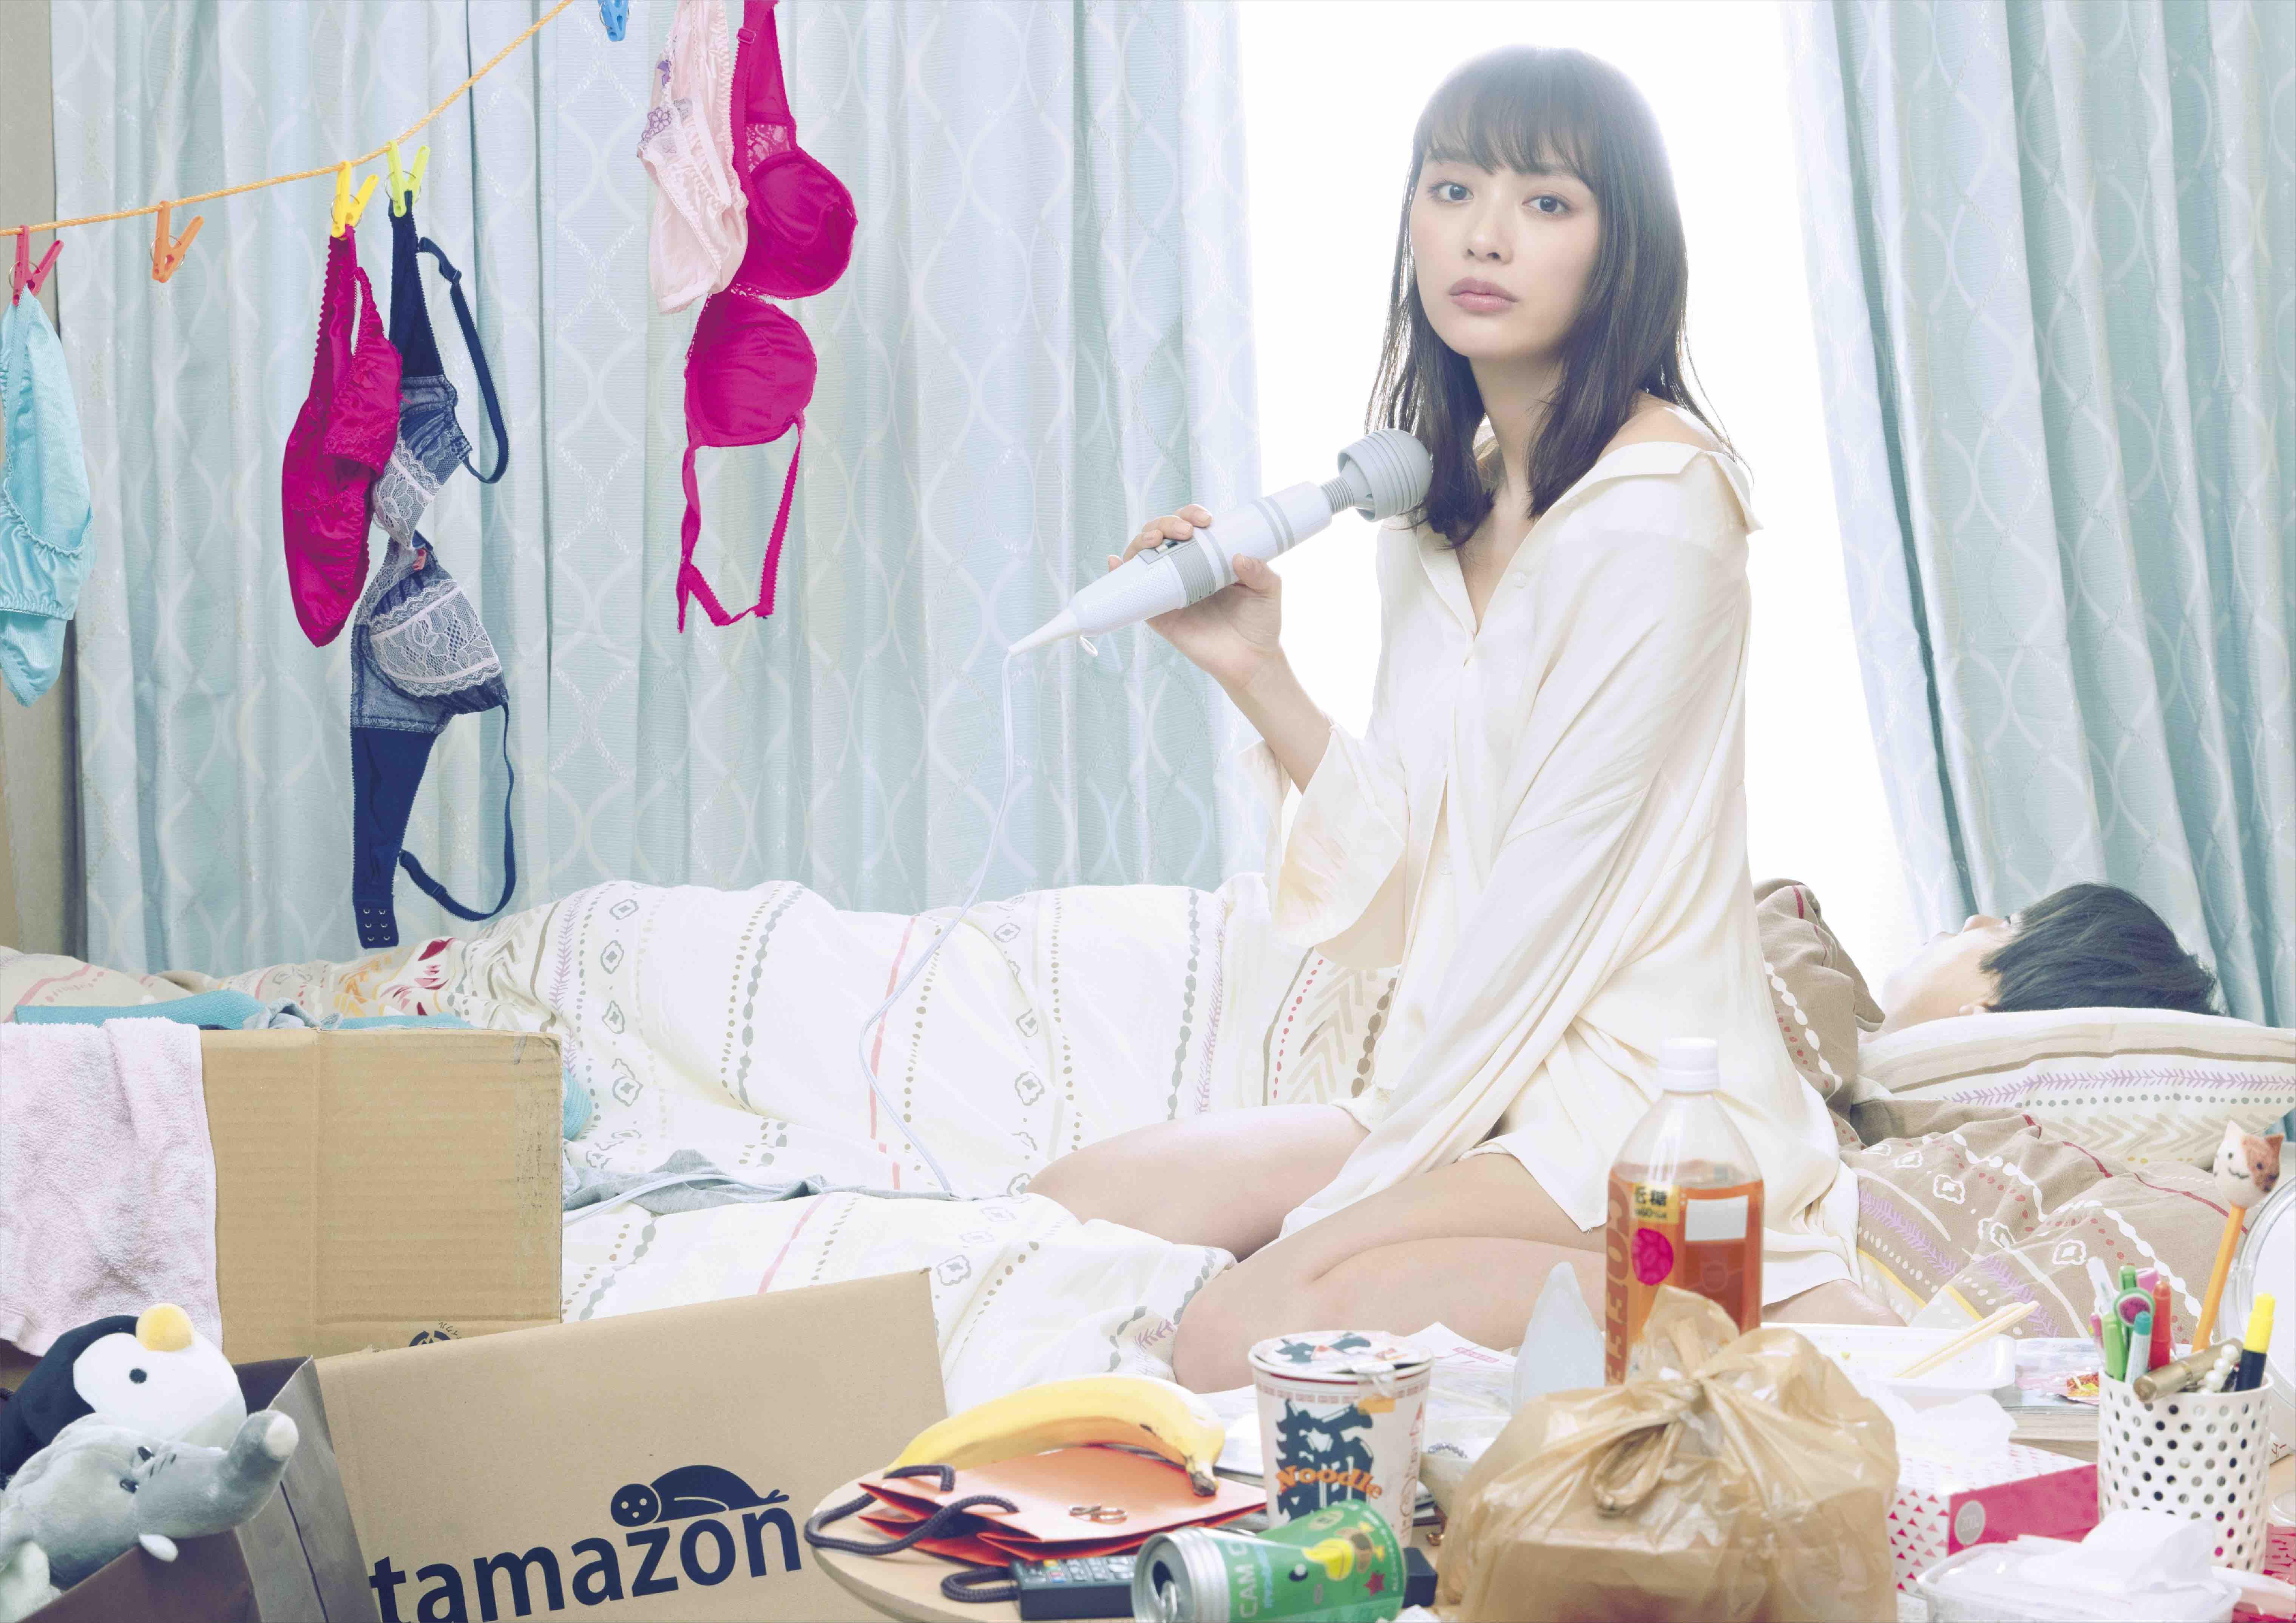 内田理央が大人気コミック『来世ではちゃんとします』で主演! 貞操観念ぶっとび女子を熱演します!!_1